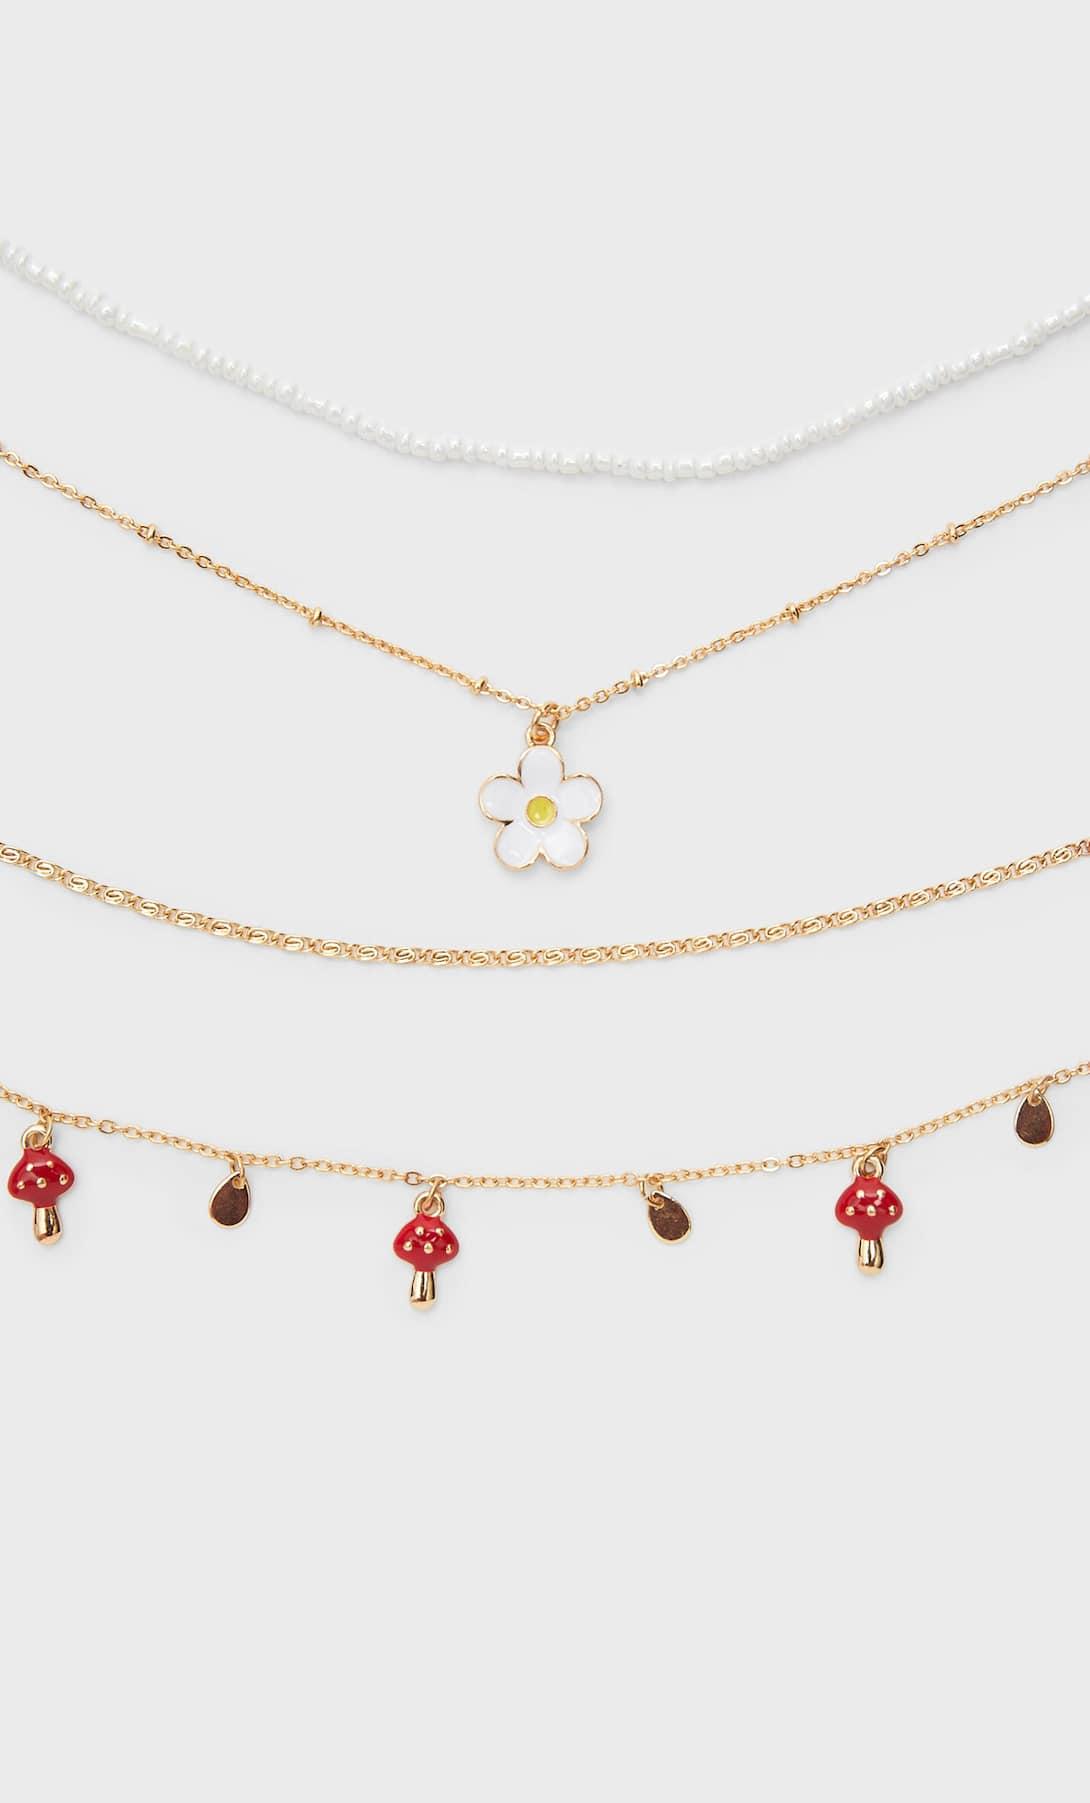 Stradivarius presenta su nueva colección de bisutería cargada de sonrisas y flores